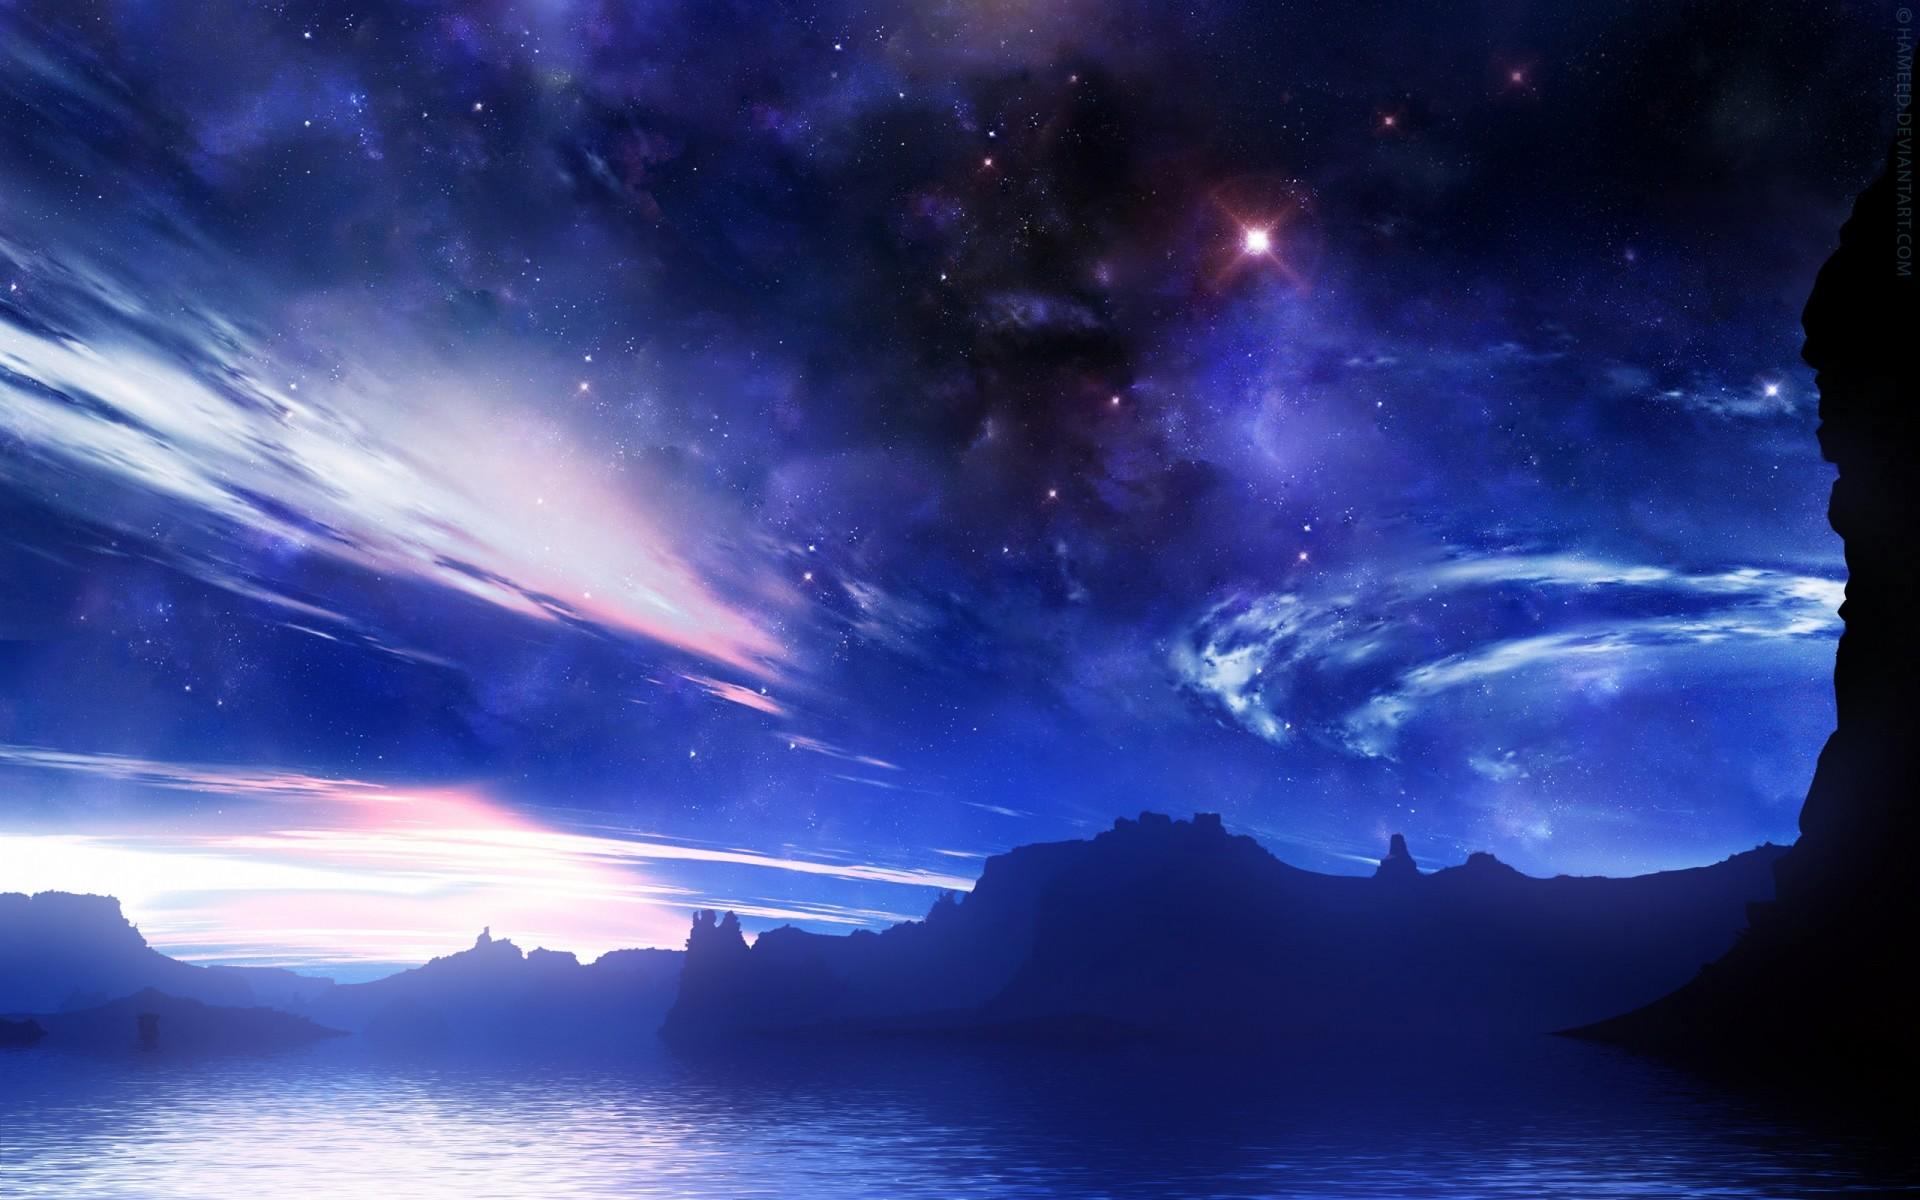 Очень красивые картинки на ночь, годовщину